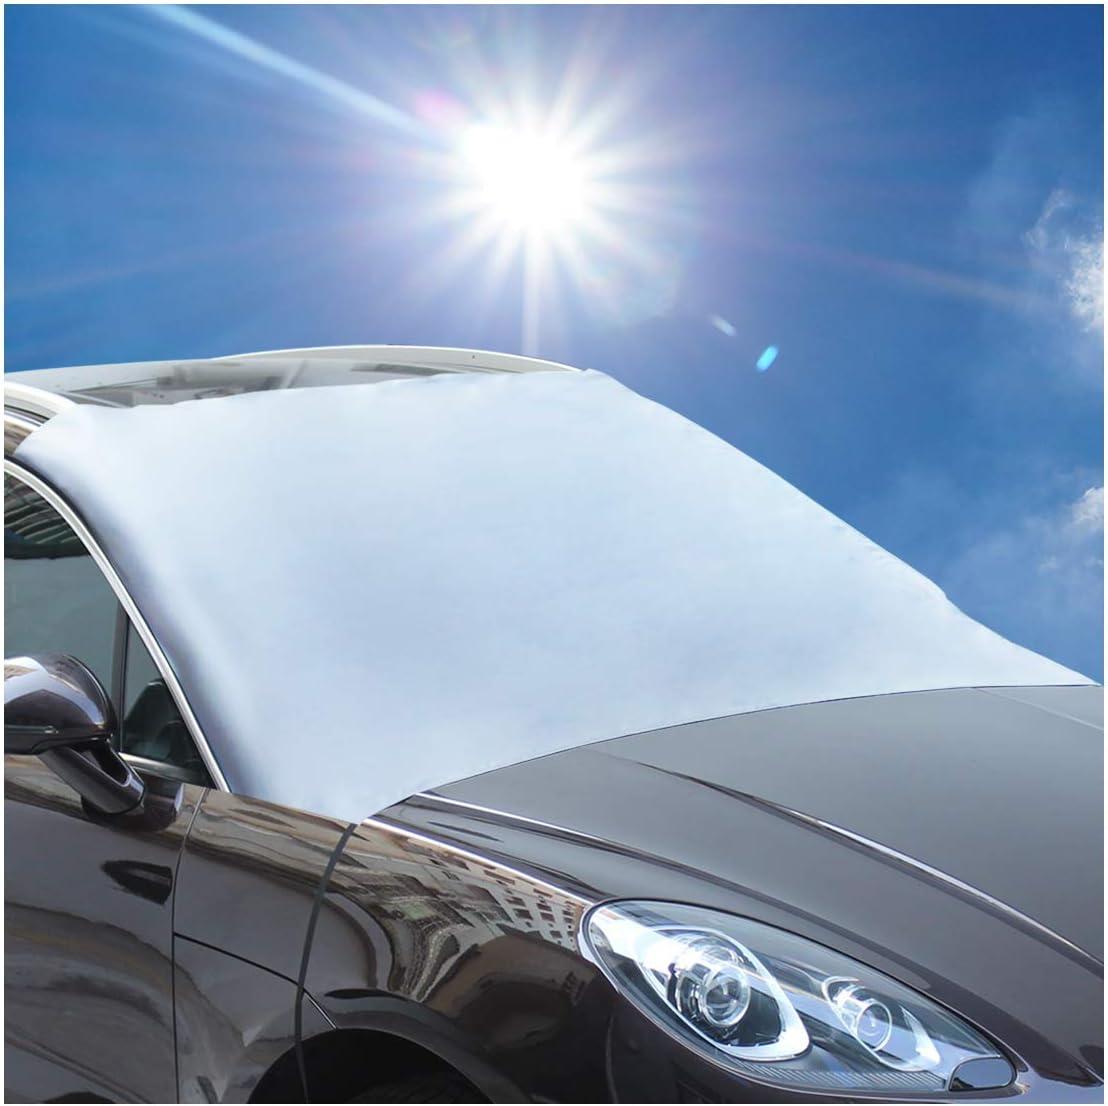 Bigbigjk Autoabdeckung Winter Kleinwagen Windschutzscheibe Abdeckung Frontscheibenabdeckung und Auto Eiskratzer Eisschaber f/ür UV-Schutz Auto Winterabdeckung